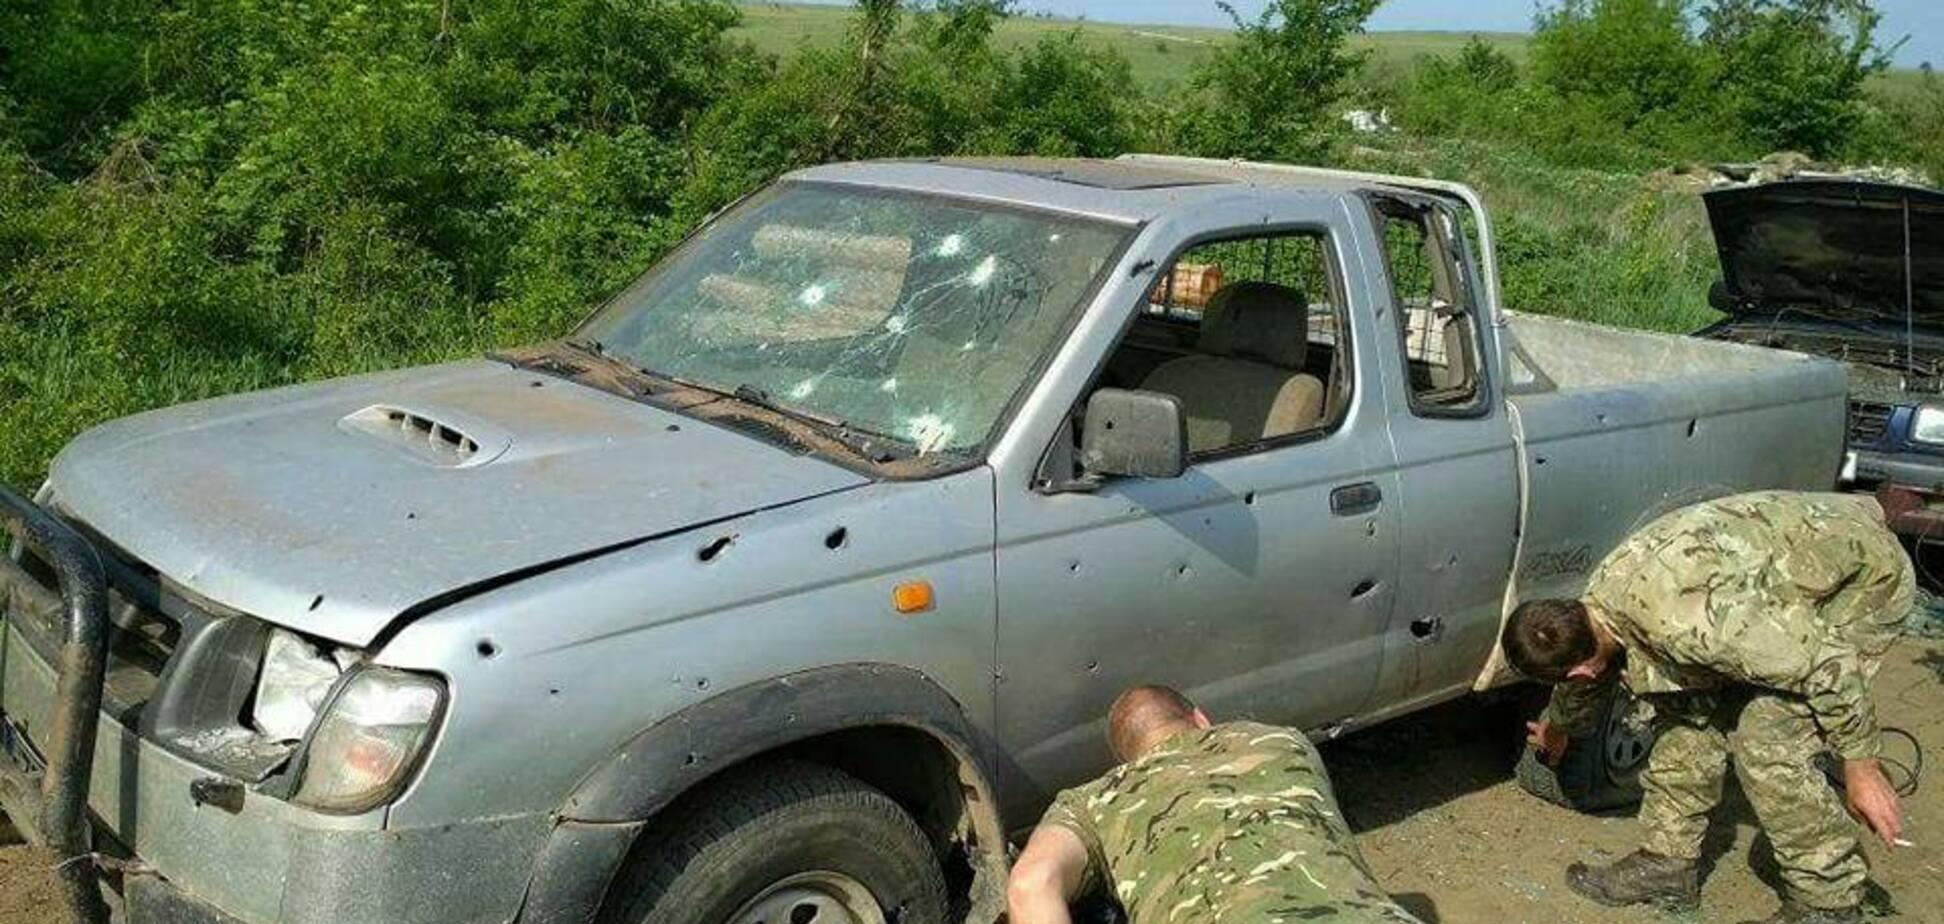 Дивом залишилися живі: українські бійці показали фото після обстрілу